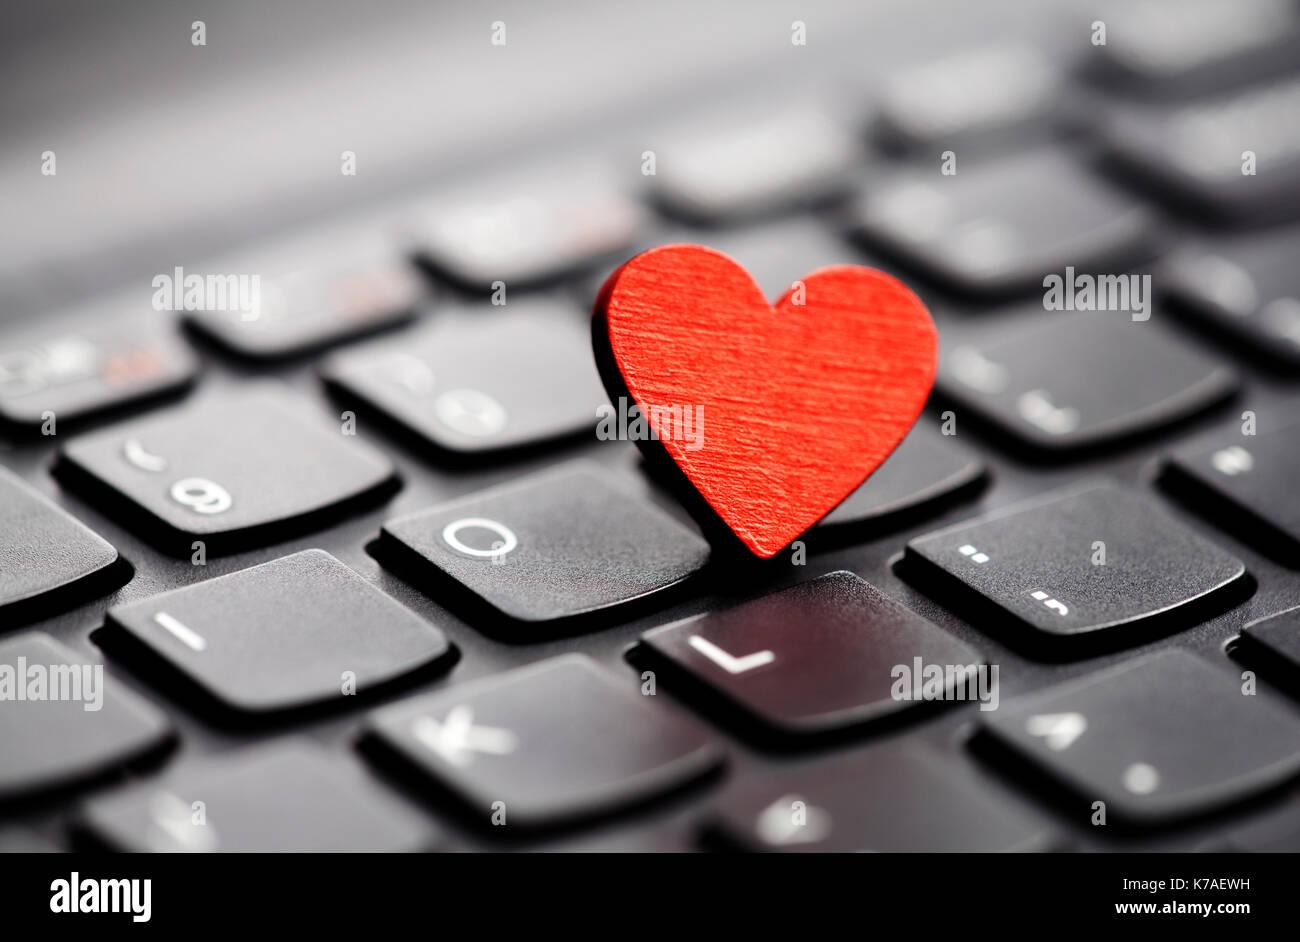 Leeres herz zeichen tastatur